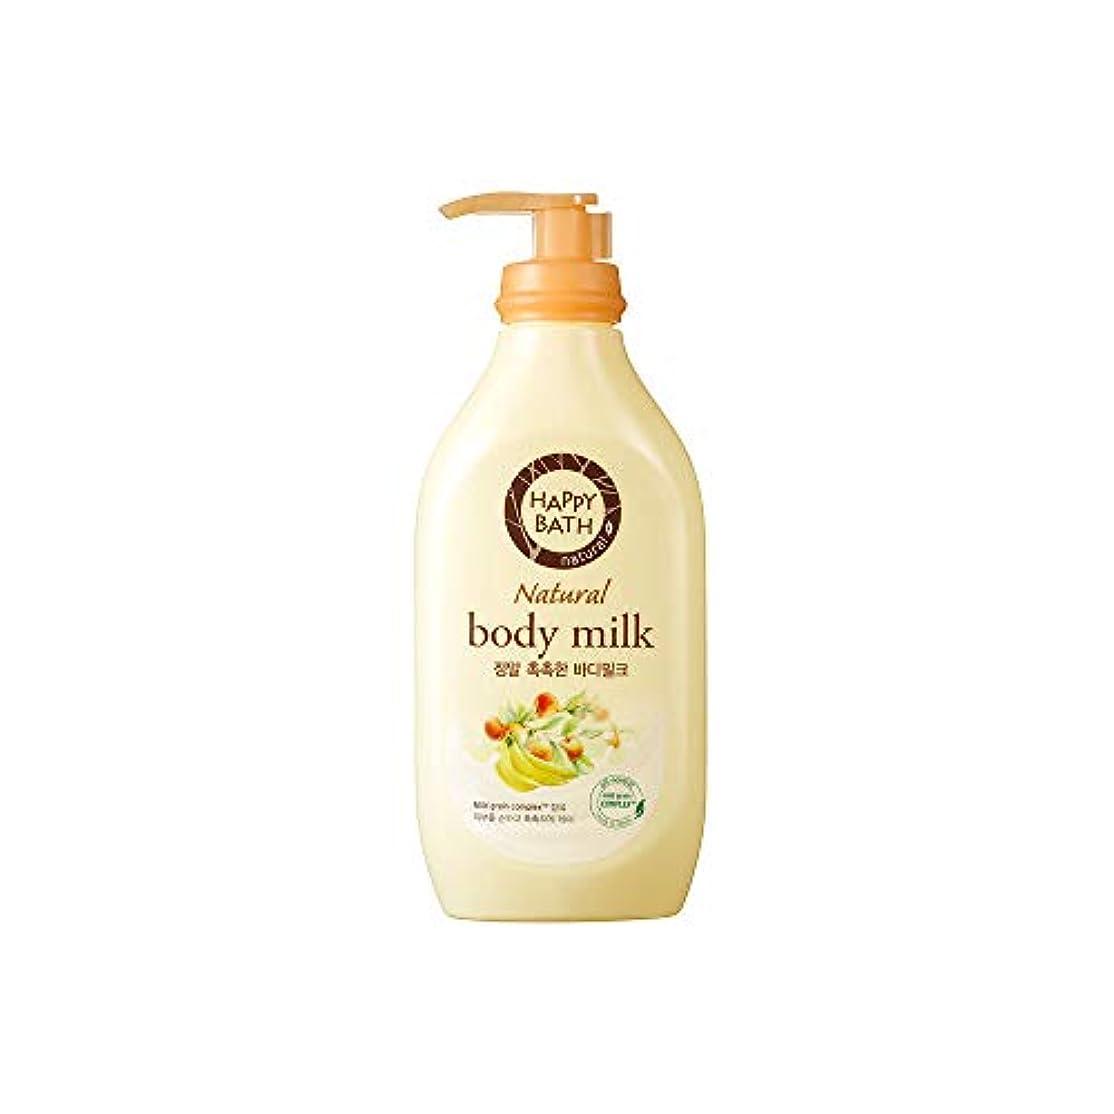 パンサー世代フロー[HAPPY BATH] ハッピーバス ナチュラルボディミルク しっとりタイプ ボディローション 450ml (moisture body milk 450ml)